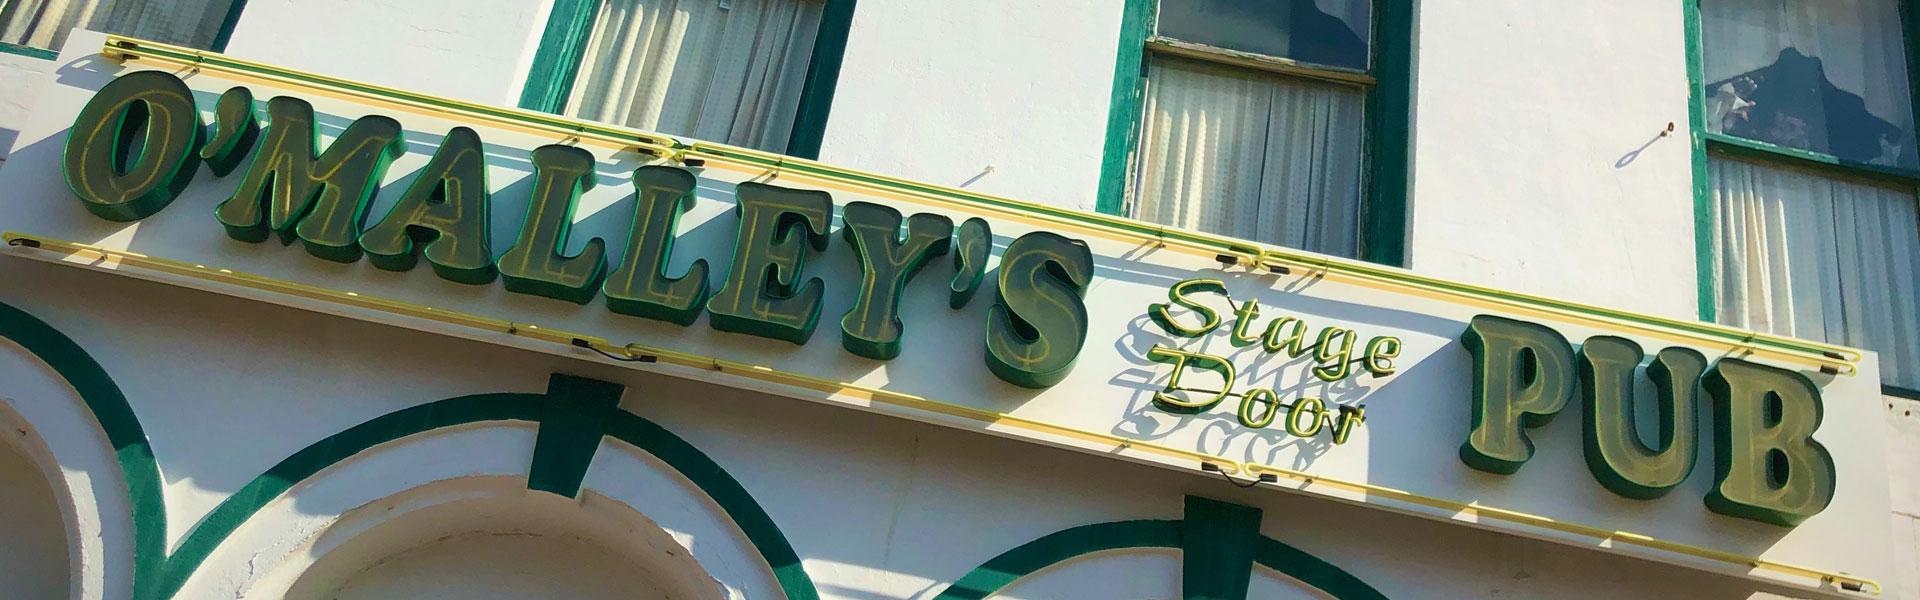 Exterior of O'Malley's Stage Door Pub, Galveston TX